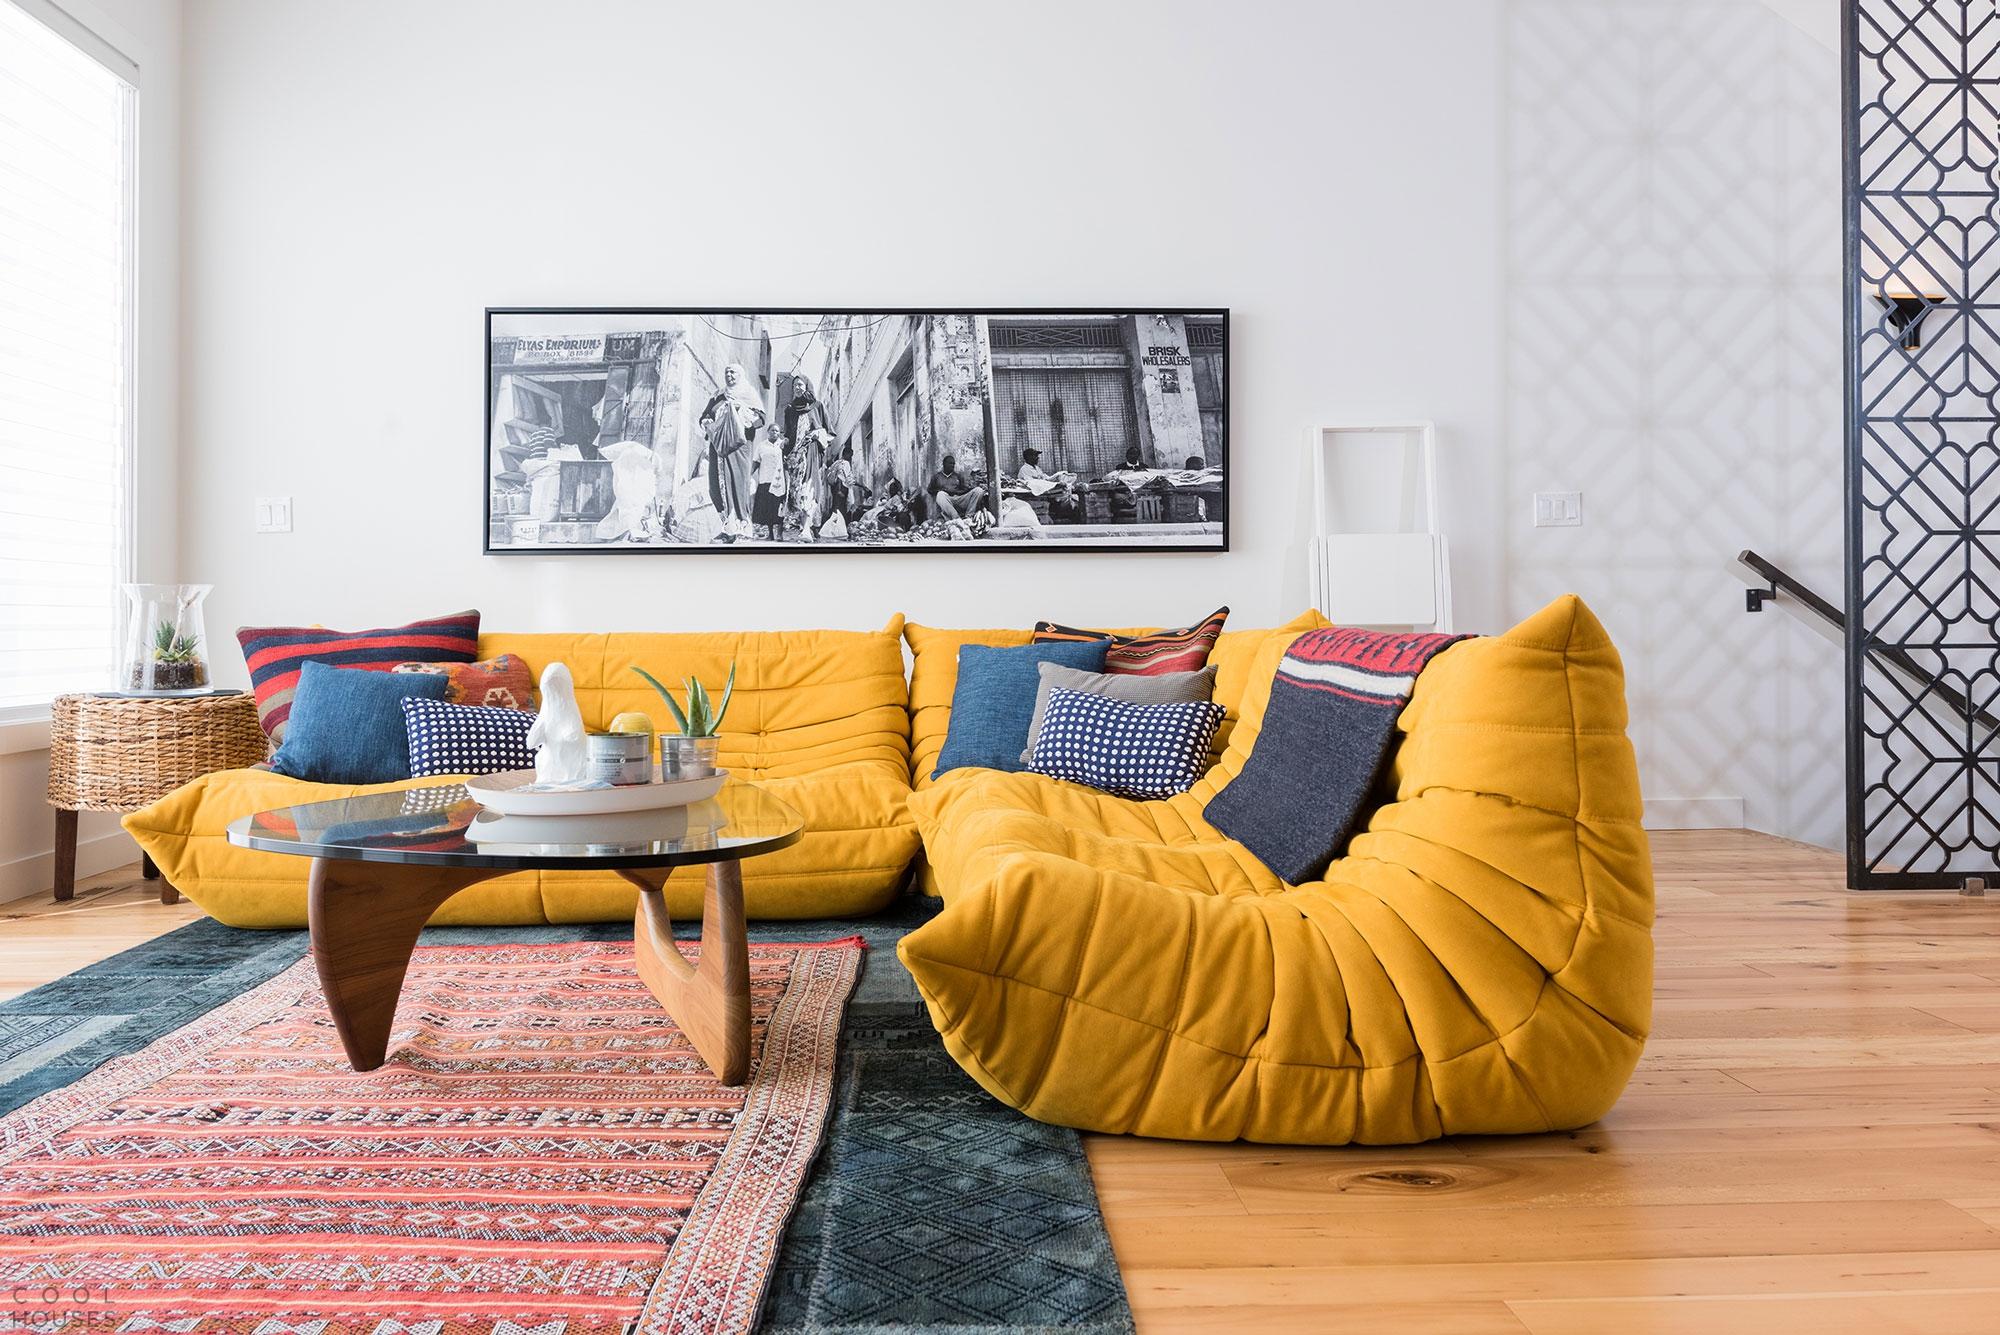 Частный дом в марокканском стиле, Канада